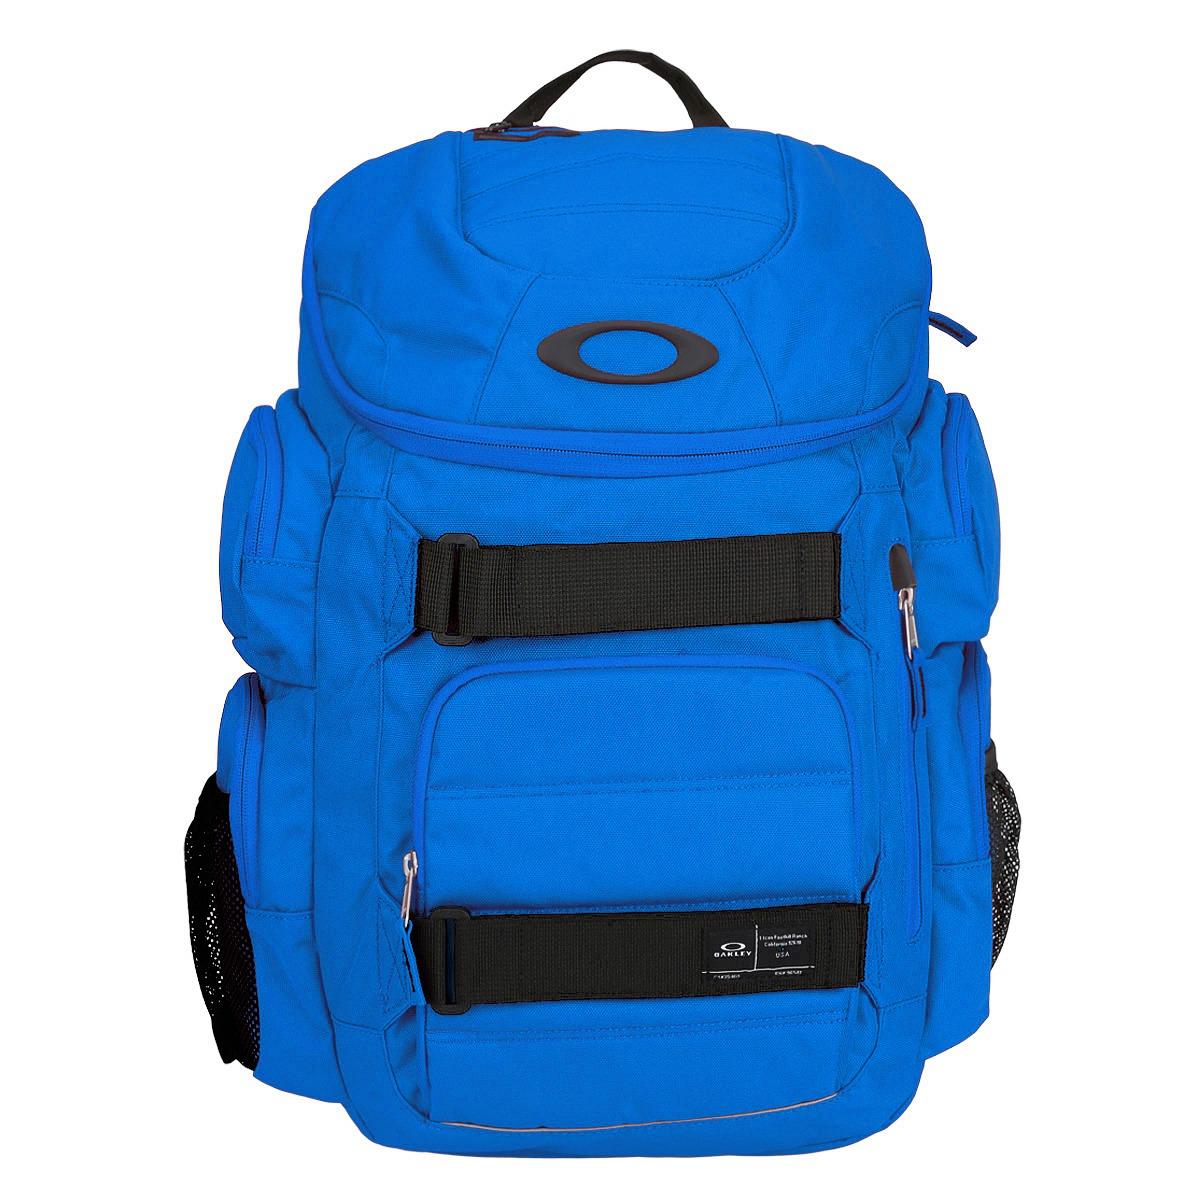 Mochila Oakley Enduro 30 Azul - R  579,90 em Mercado Livre 3ba2269c73